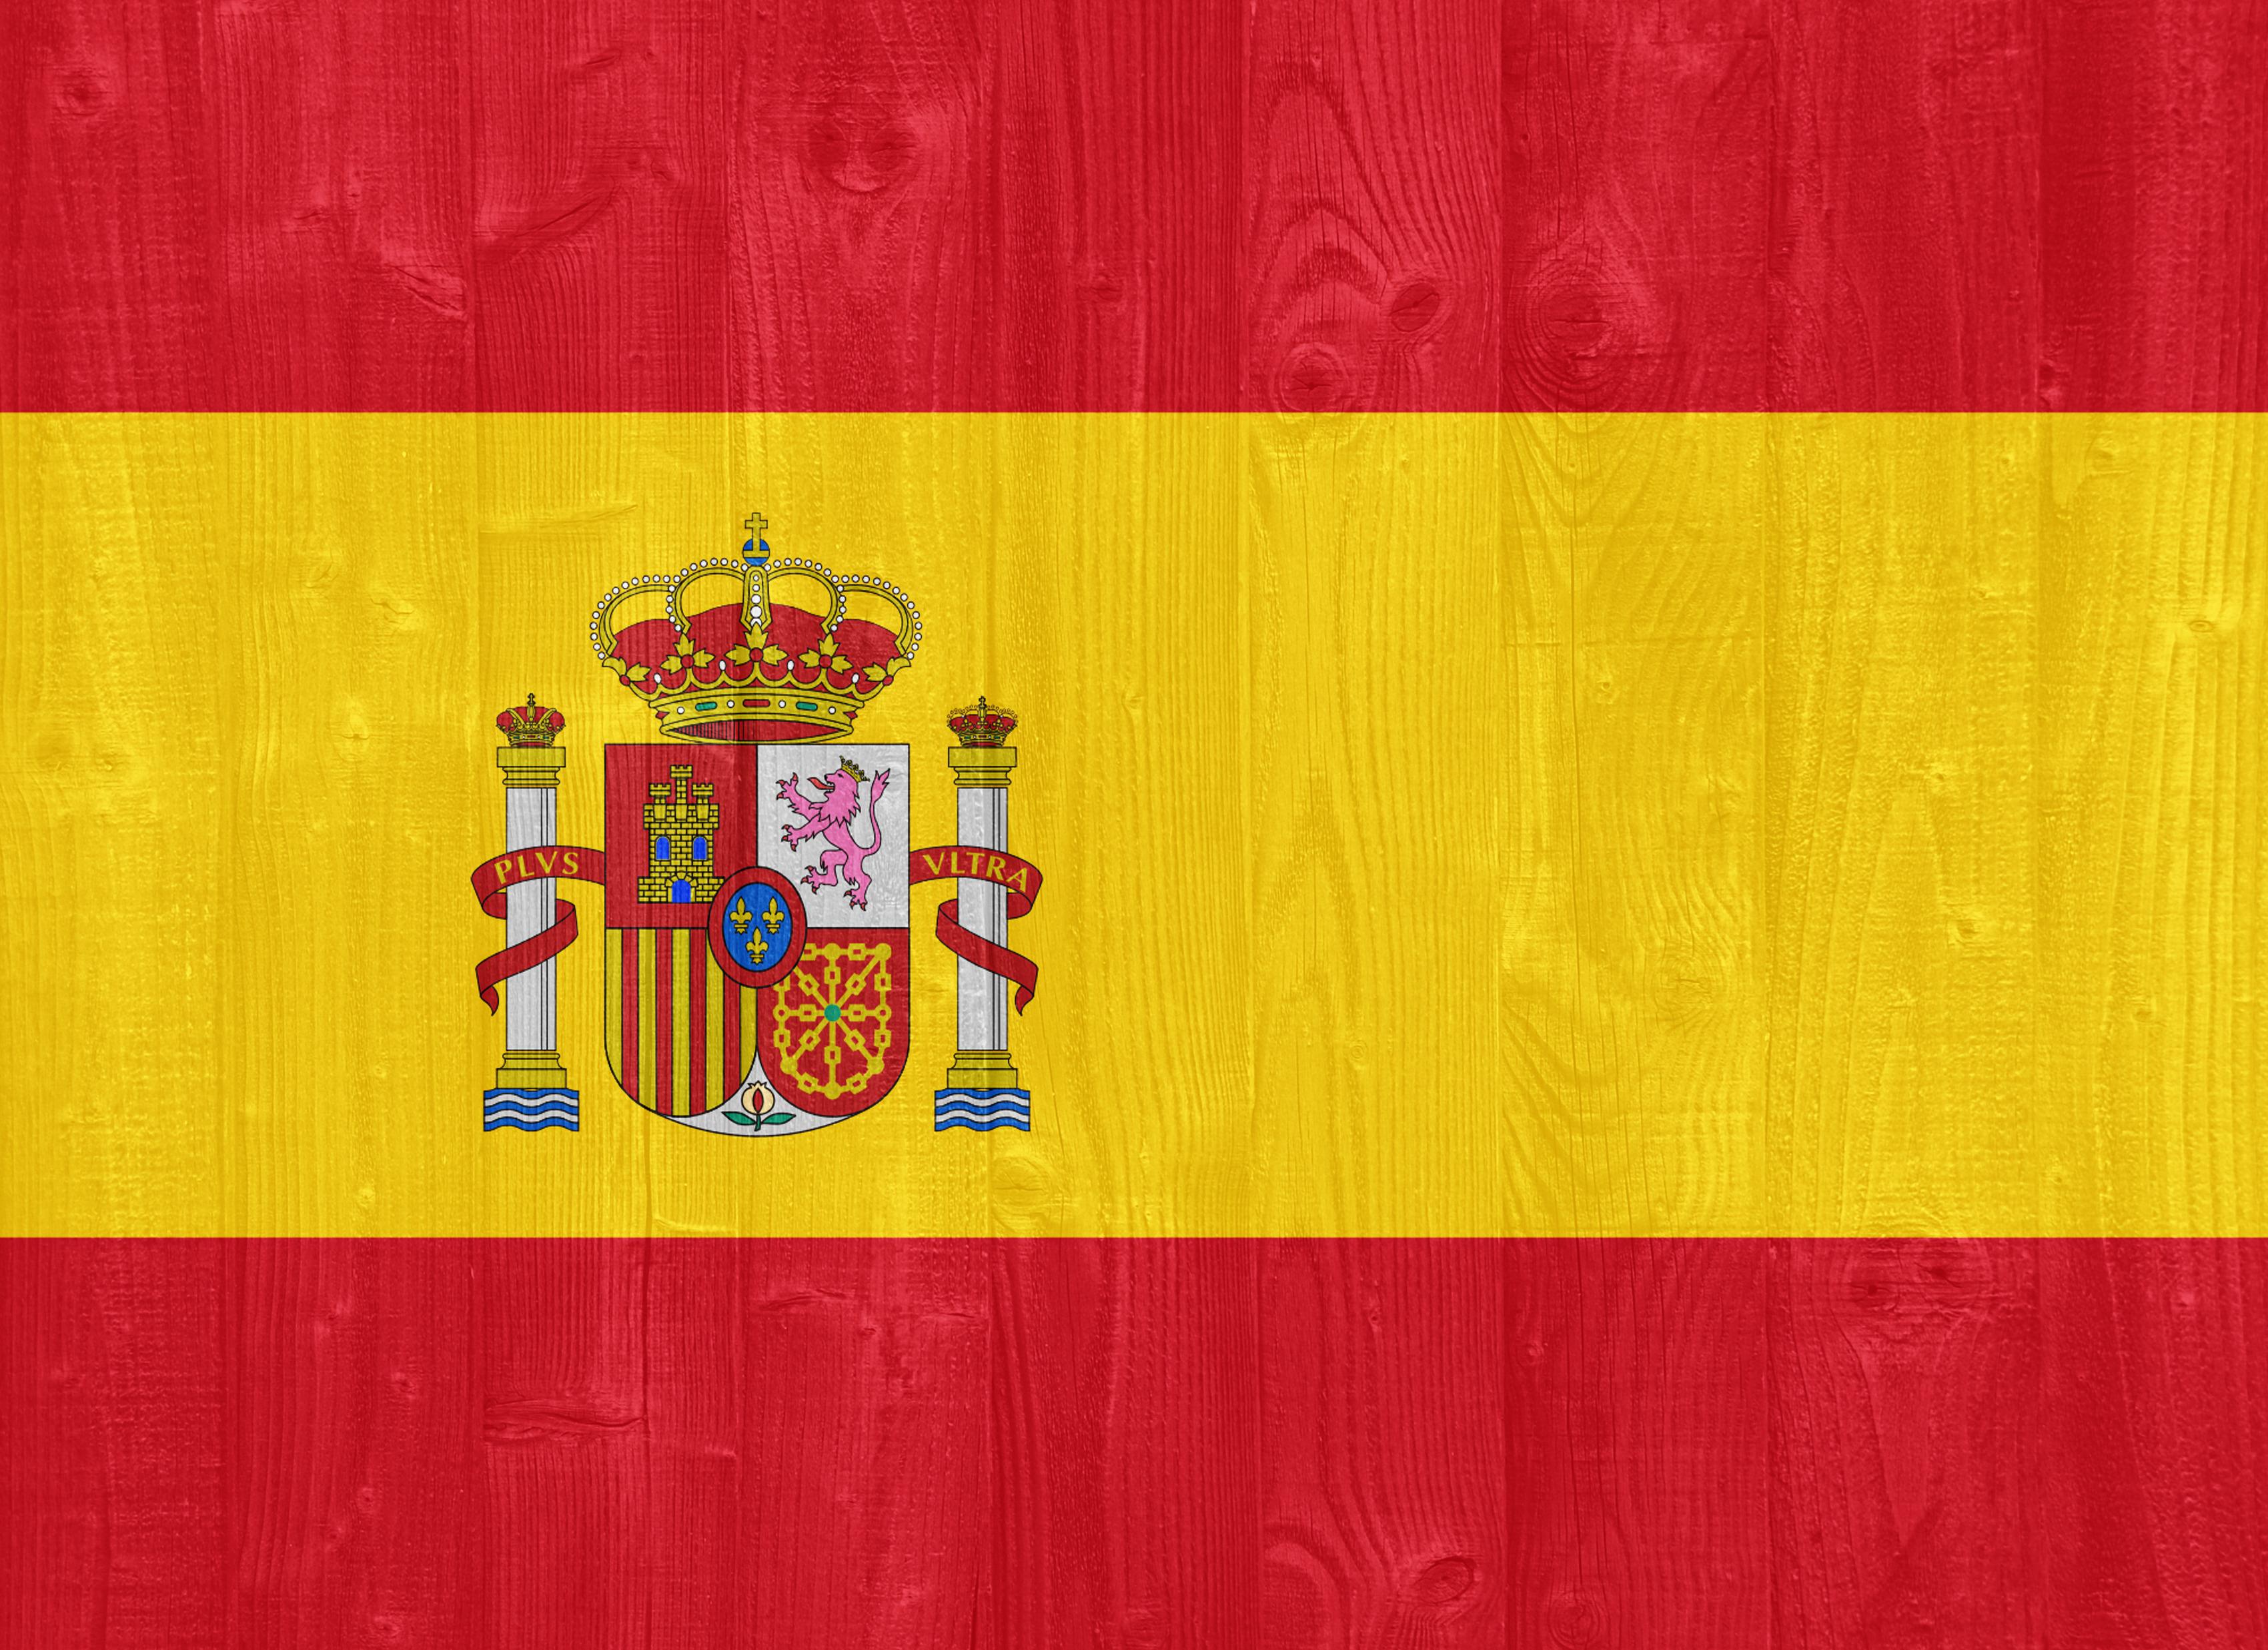 عـدد السك ـان الناطقيـن بالل غـة الإسبانيـة حول العالـم